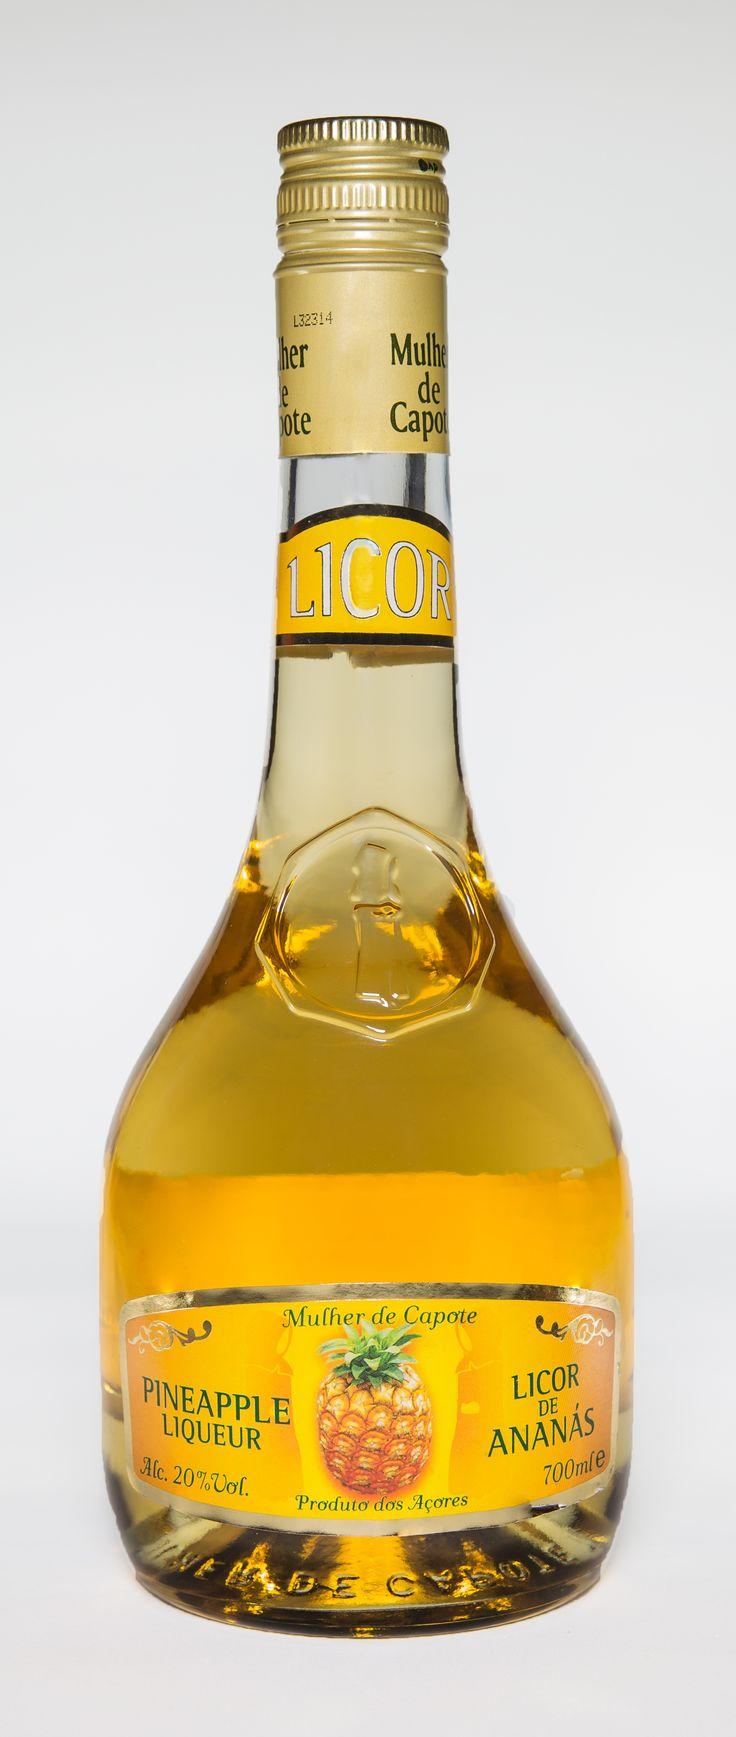 Licor de Ananás  O Licor de Ananás da Mulher de Capote é produzido com ananases frescos da ilha de São Miguel. 700 ml ALC. 20% VOL. Disponível em: www.madeinazores.eu